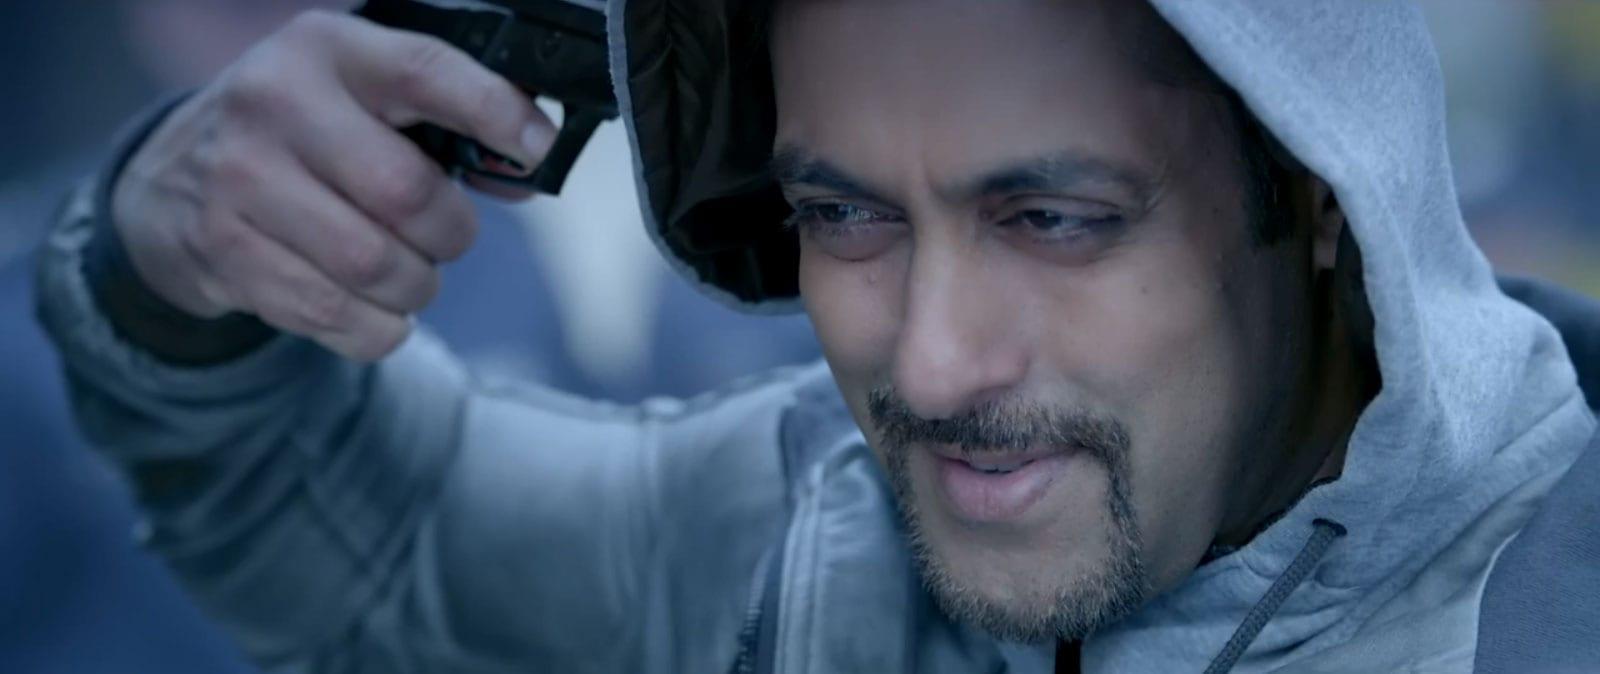 Salman-Khan-Kick-Movie-Ultra-HD-Stills-4